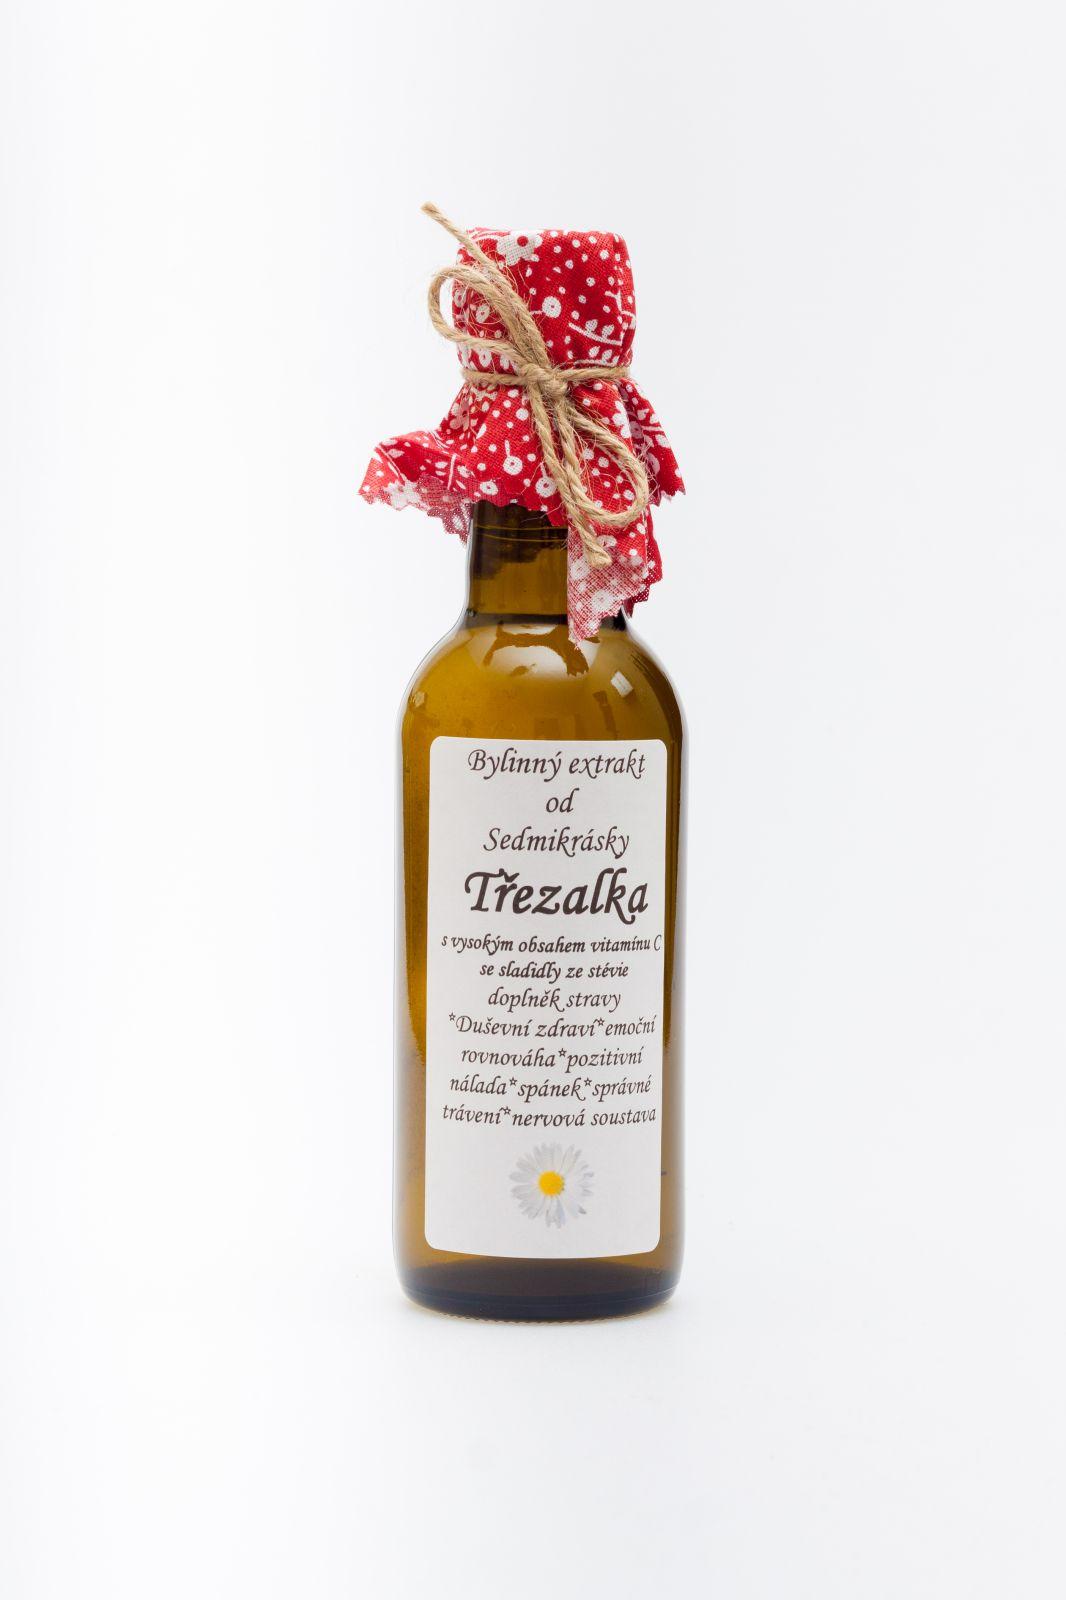 Sedmikráska bylinný extrakt Třezalka 250ml duševní zdraví, emoční rovnováha, pozitivní nálada, spánek, správné trávení, nervová soustava doplněk stravy Rodinná farma Sedmikráska